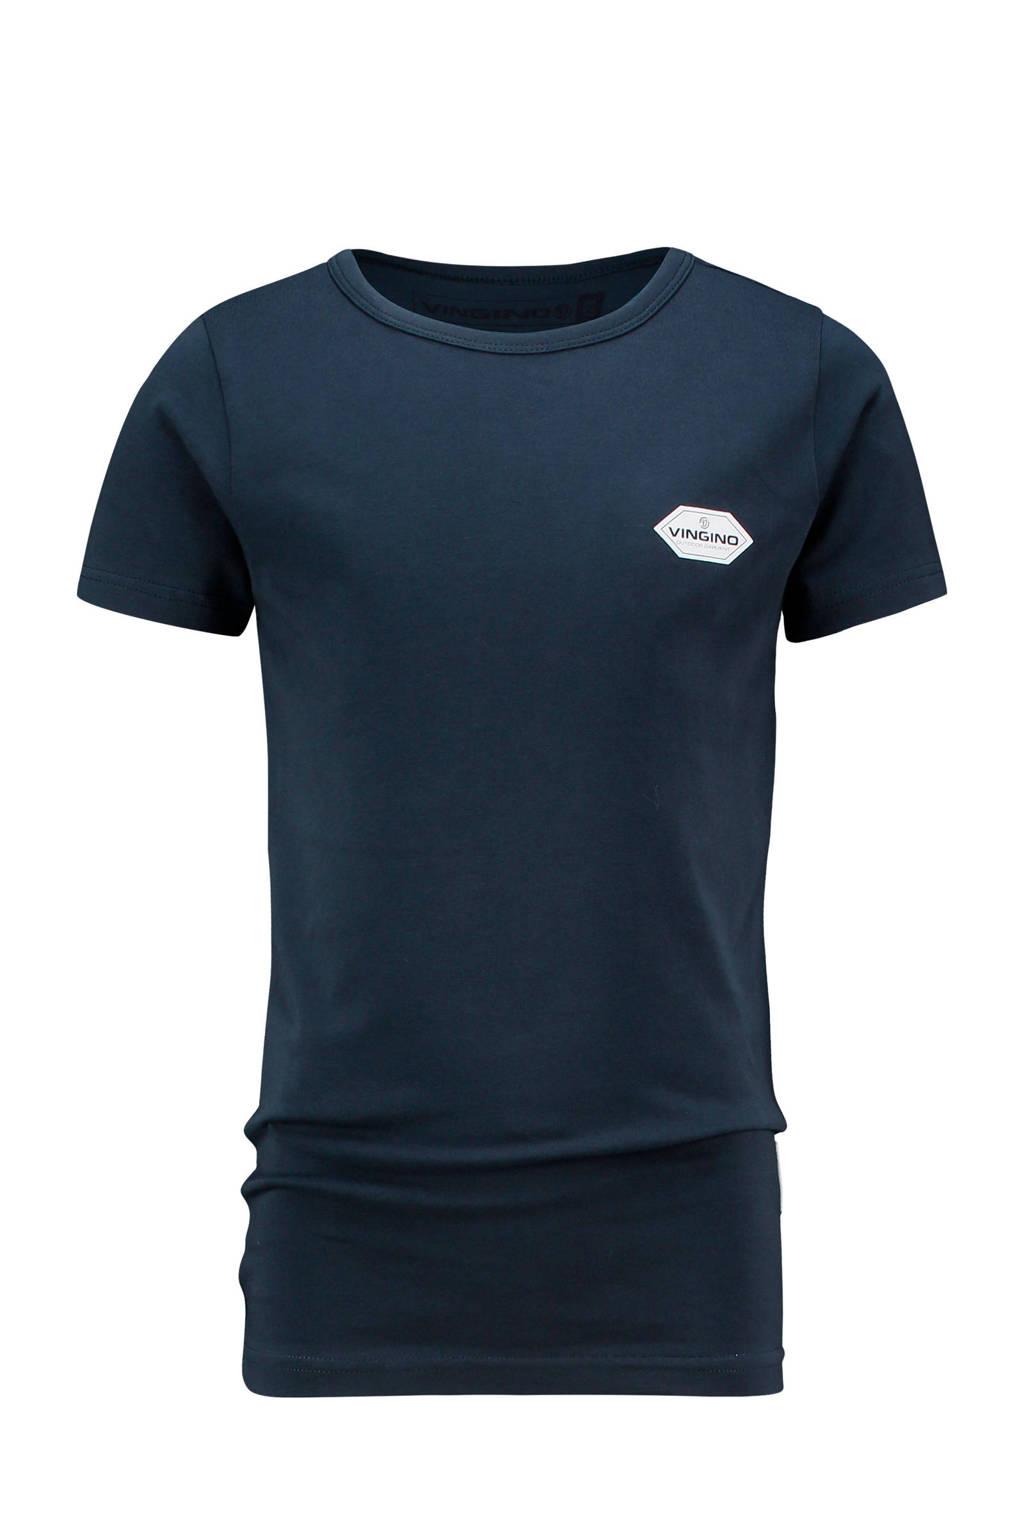 Vingino basic T-shirt Heag donkerblauw, Donkerblauw